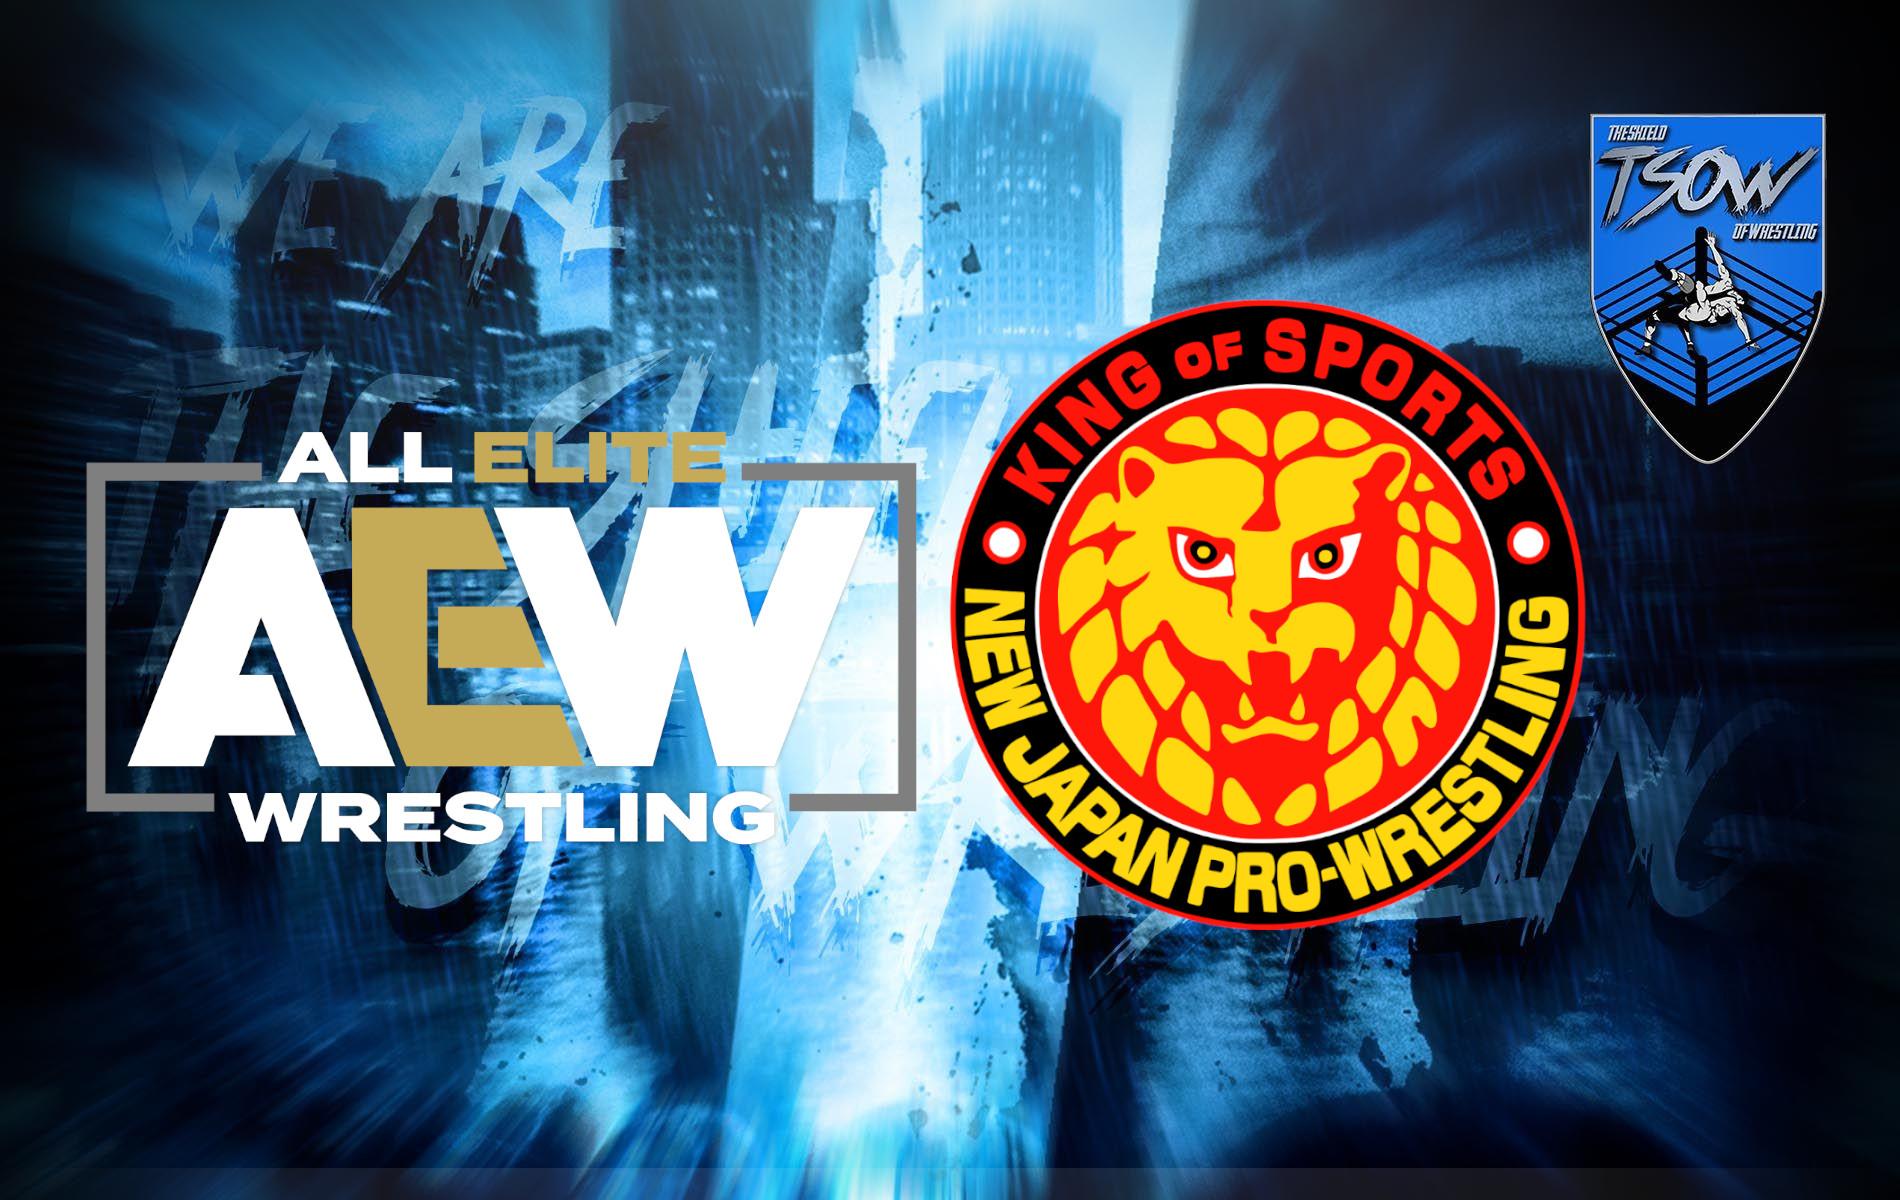 AEW e NJPW: collaborazione in vista per le due federazioni?